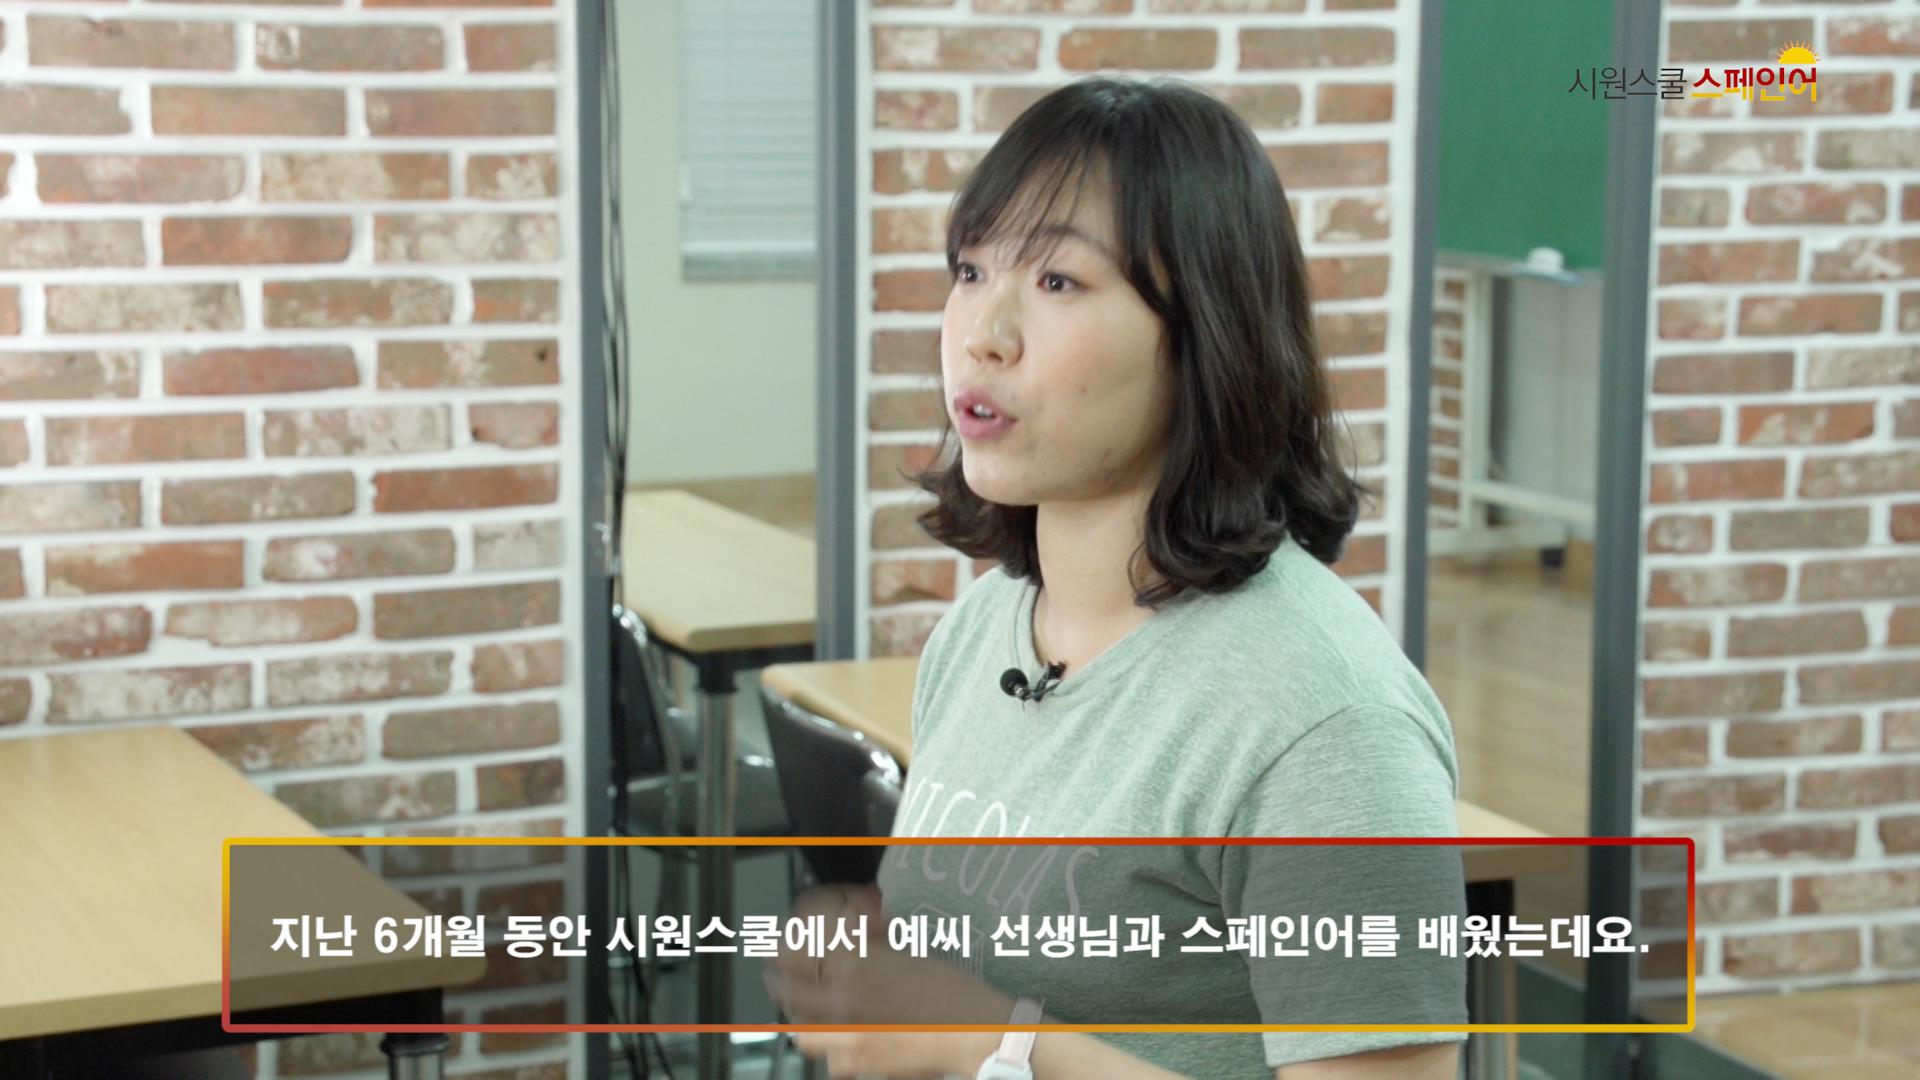 박미란회원